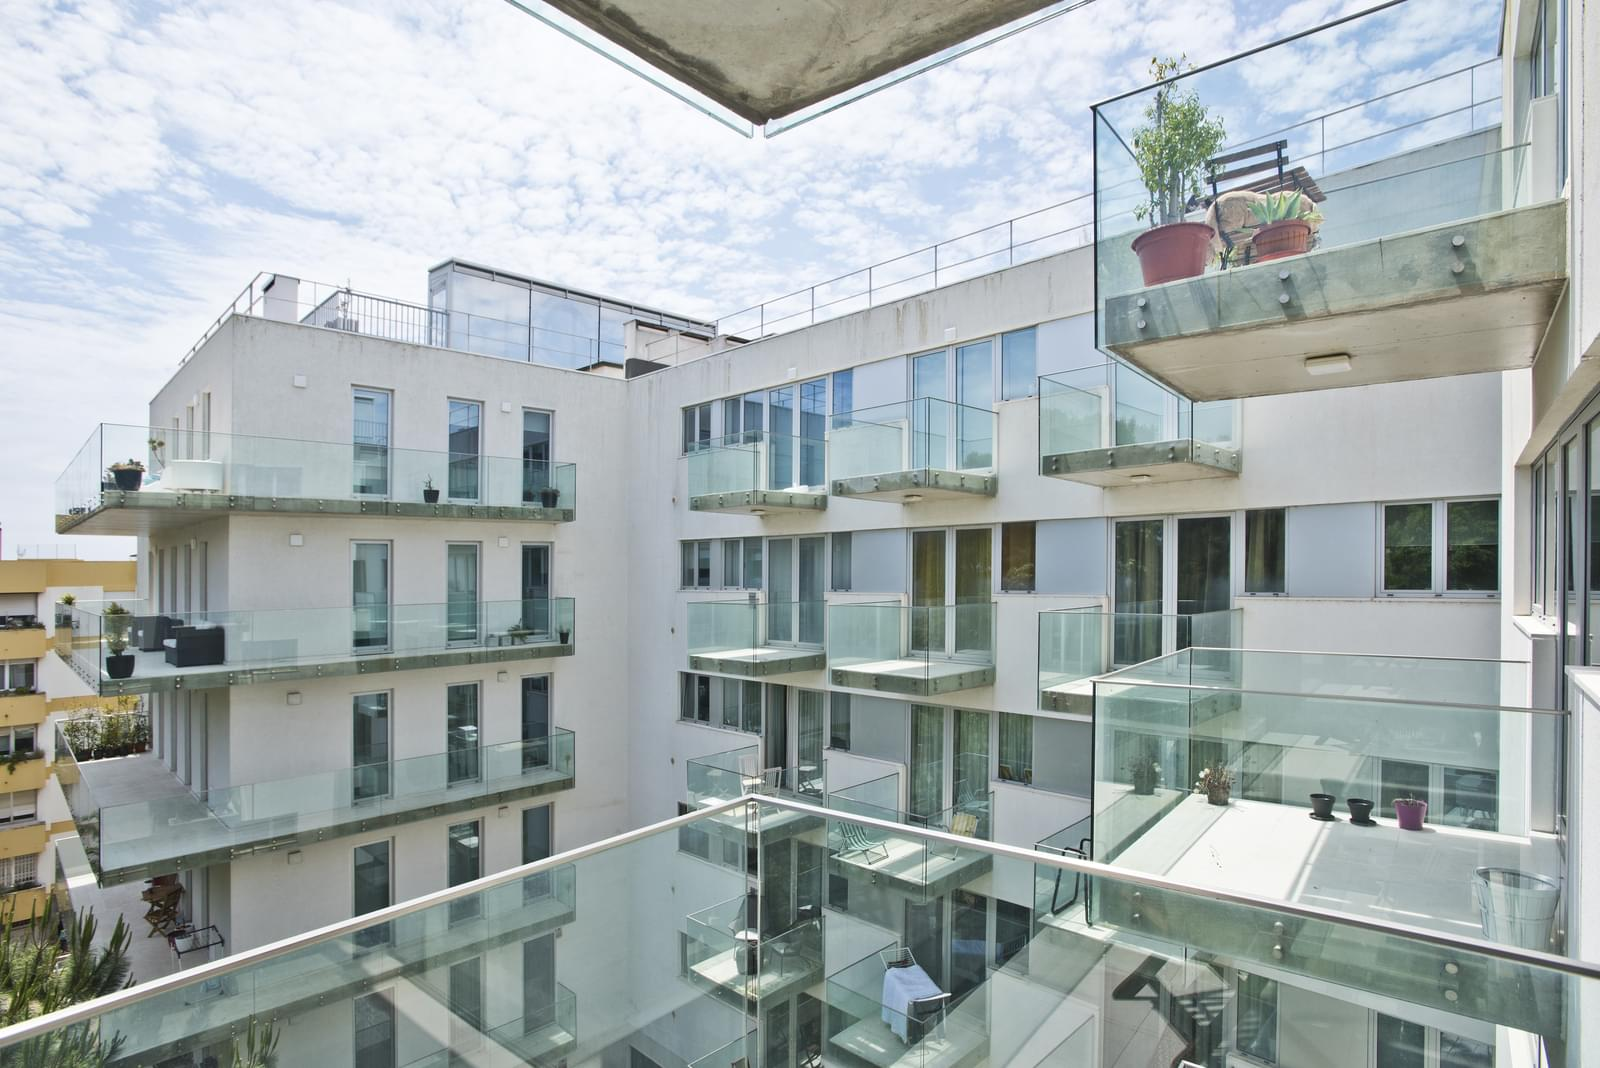 pf13975-apartamento-t4-oeiras-524a7ce0-2dba-4fc6-aa12-e17ab2c90267